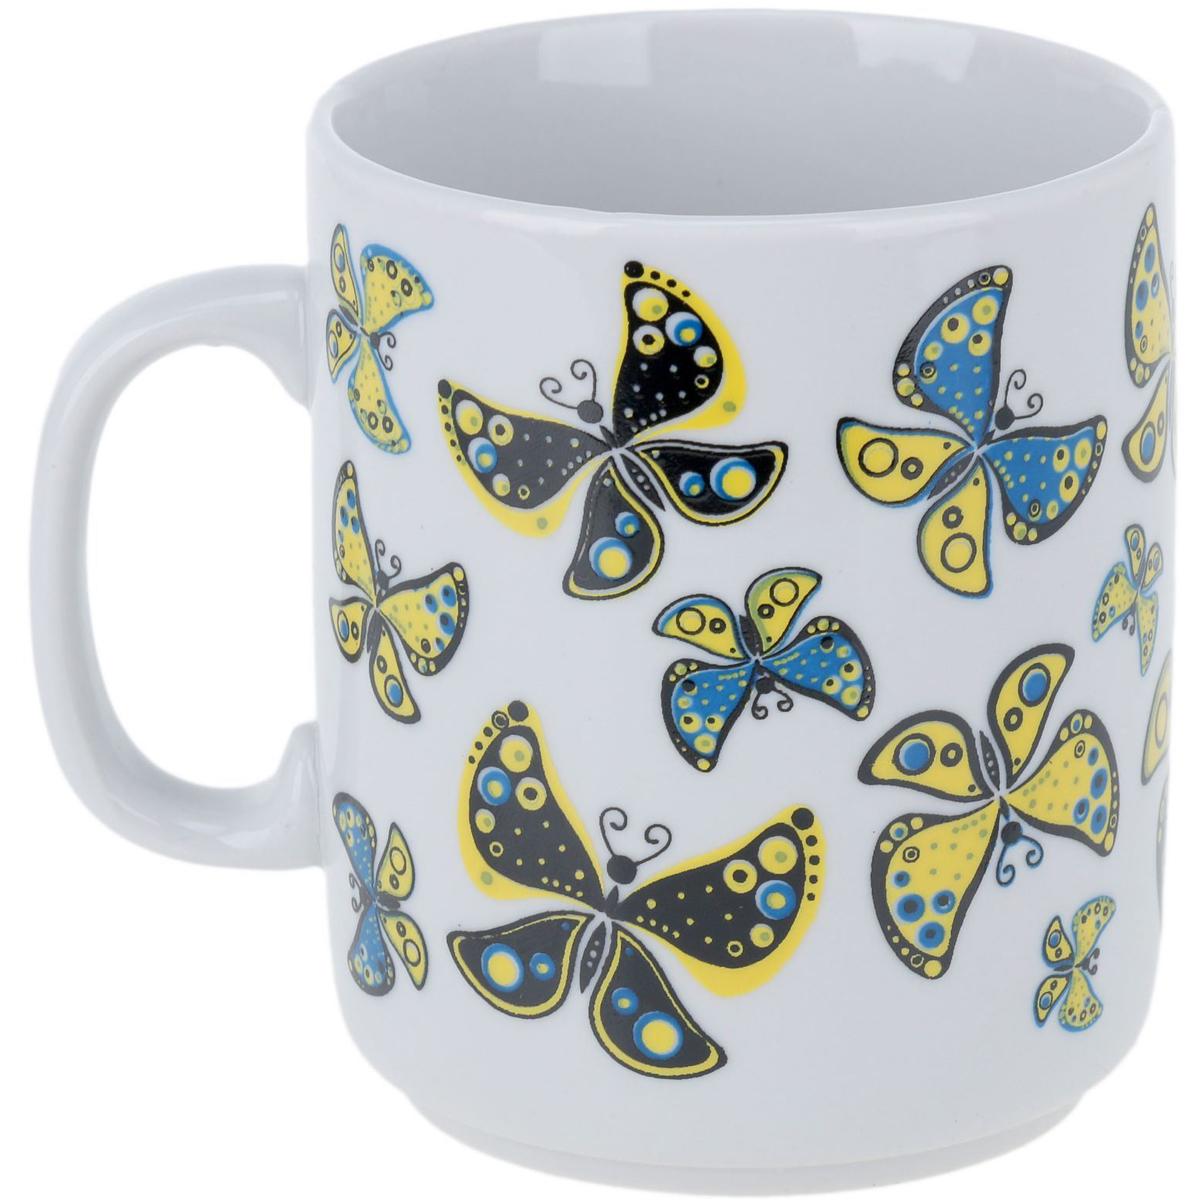 Кружка Фарфор Вербилок Солнечные бабочки, 300 мл блюдо для яиц фарфор вербилок розовые герберы 26351660уп